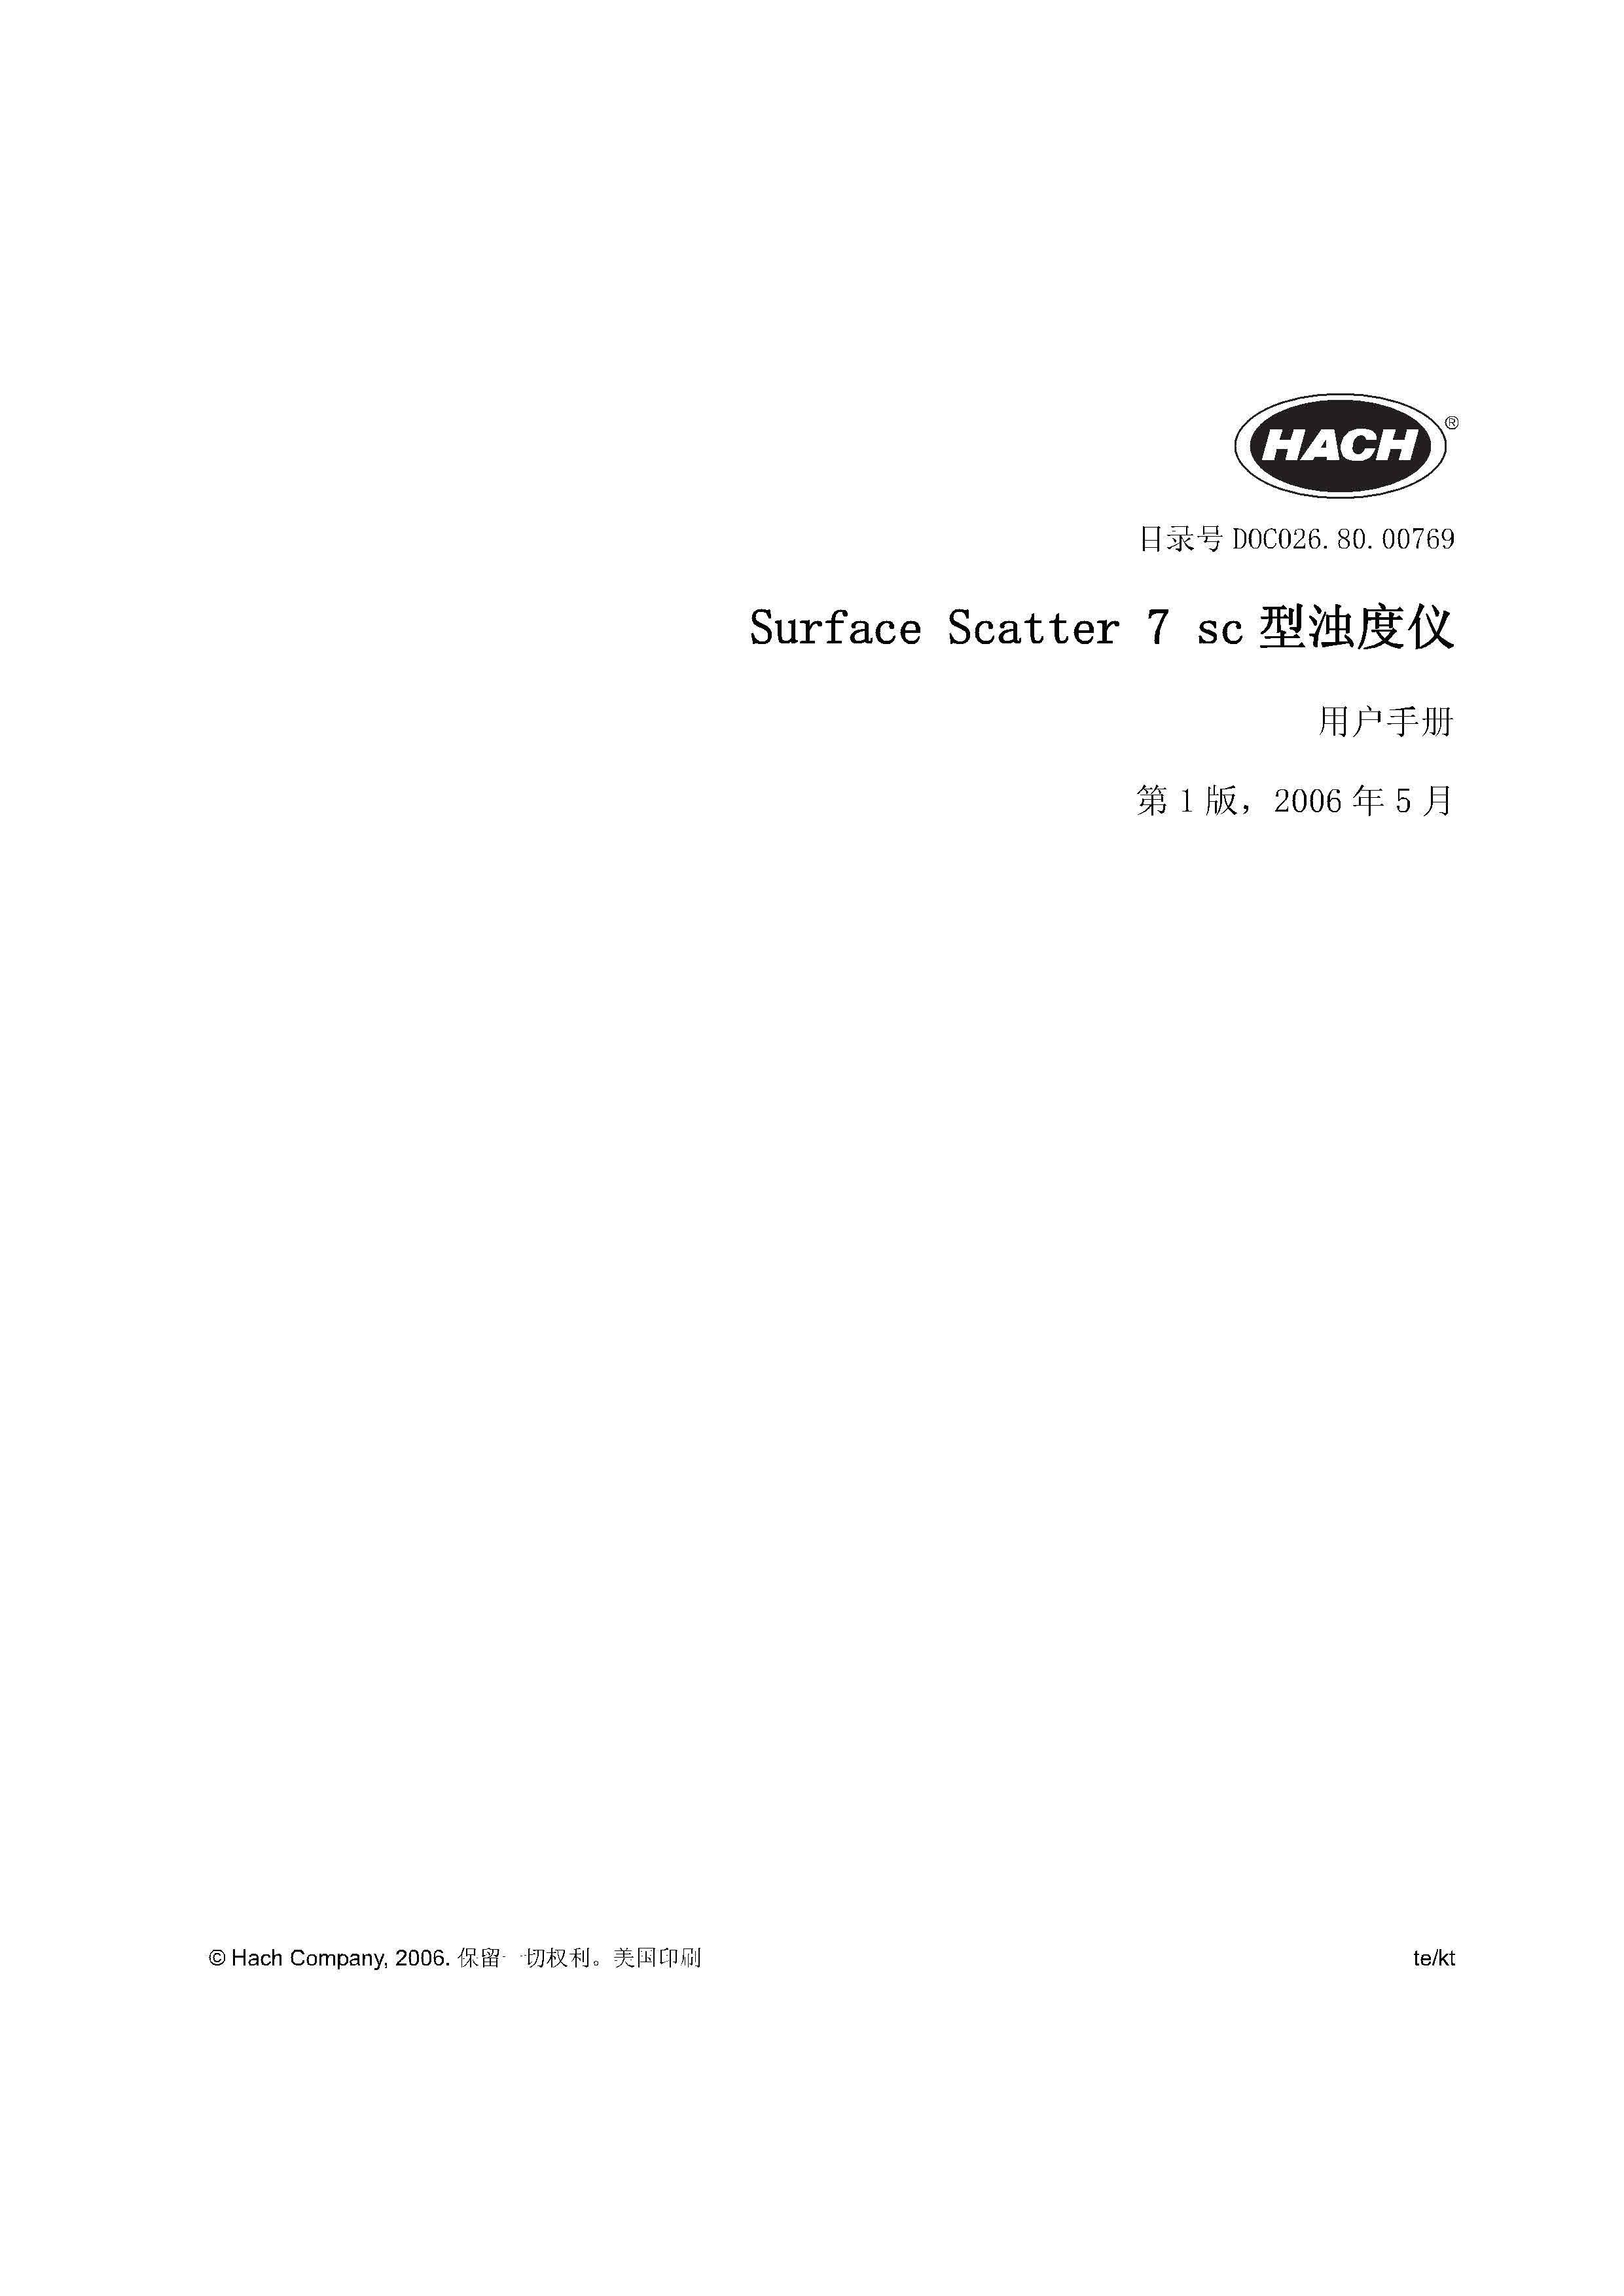 HACH哈希 SS7高量程在线浊度仪用户手册